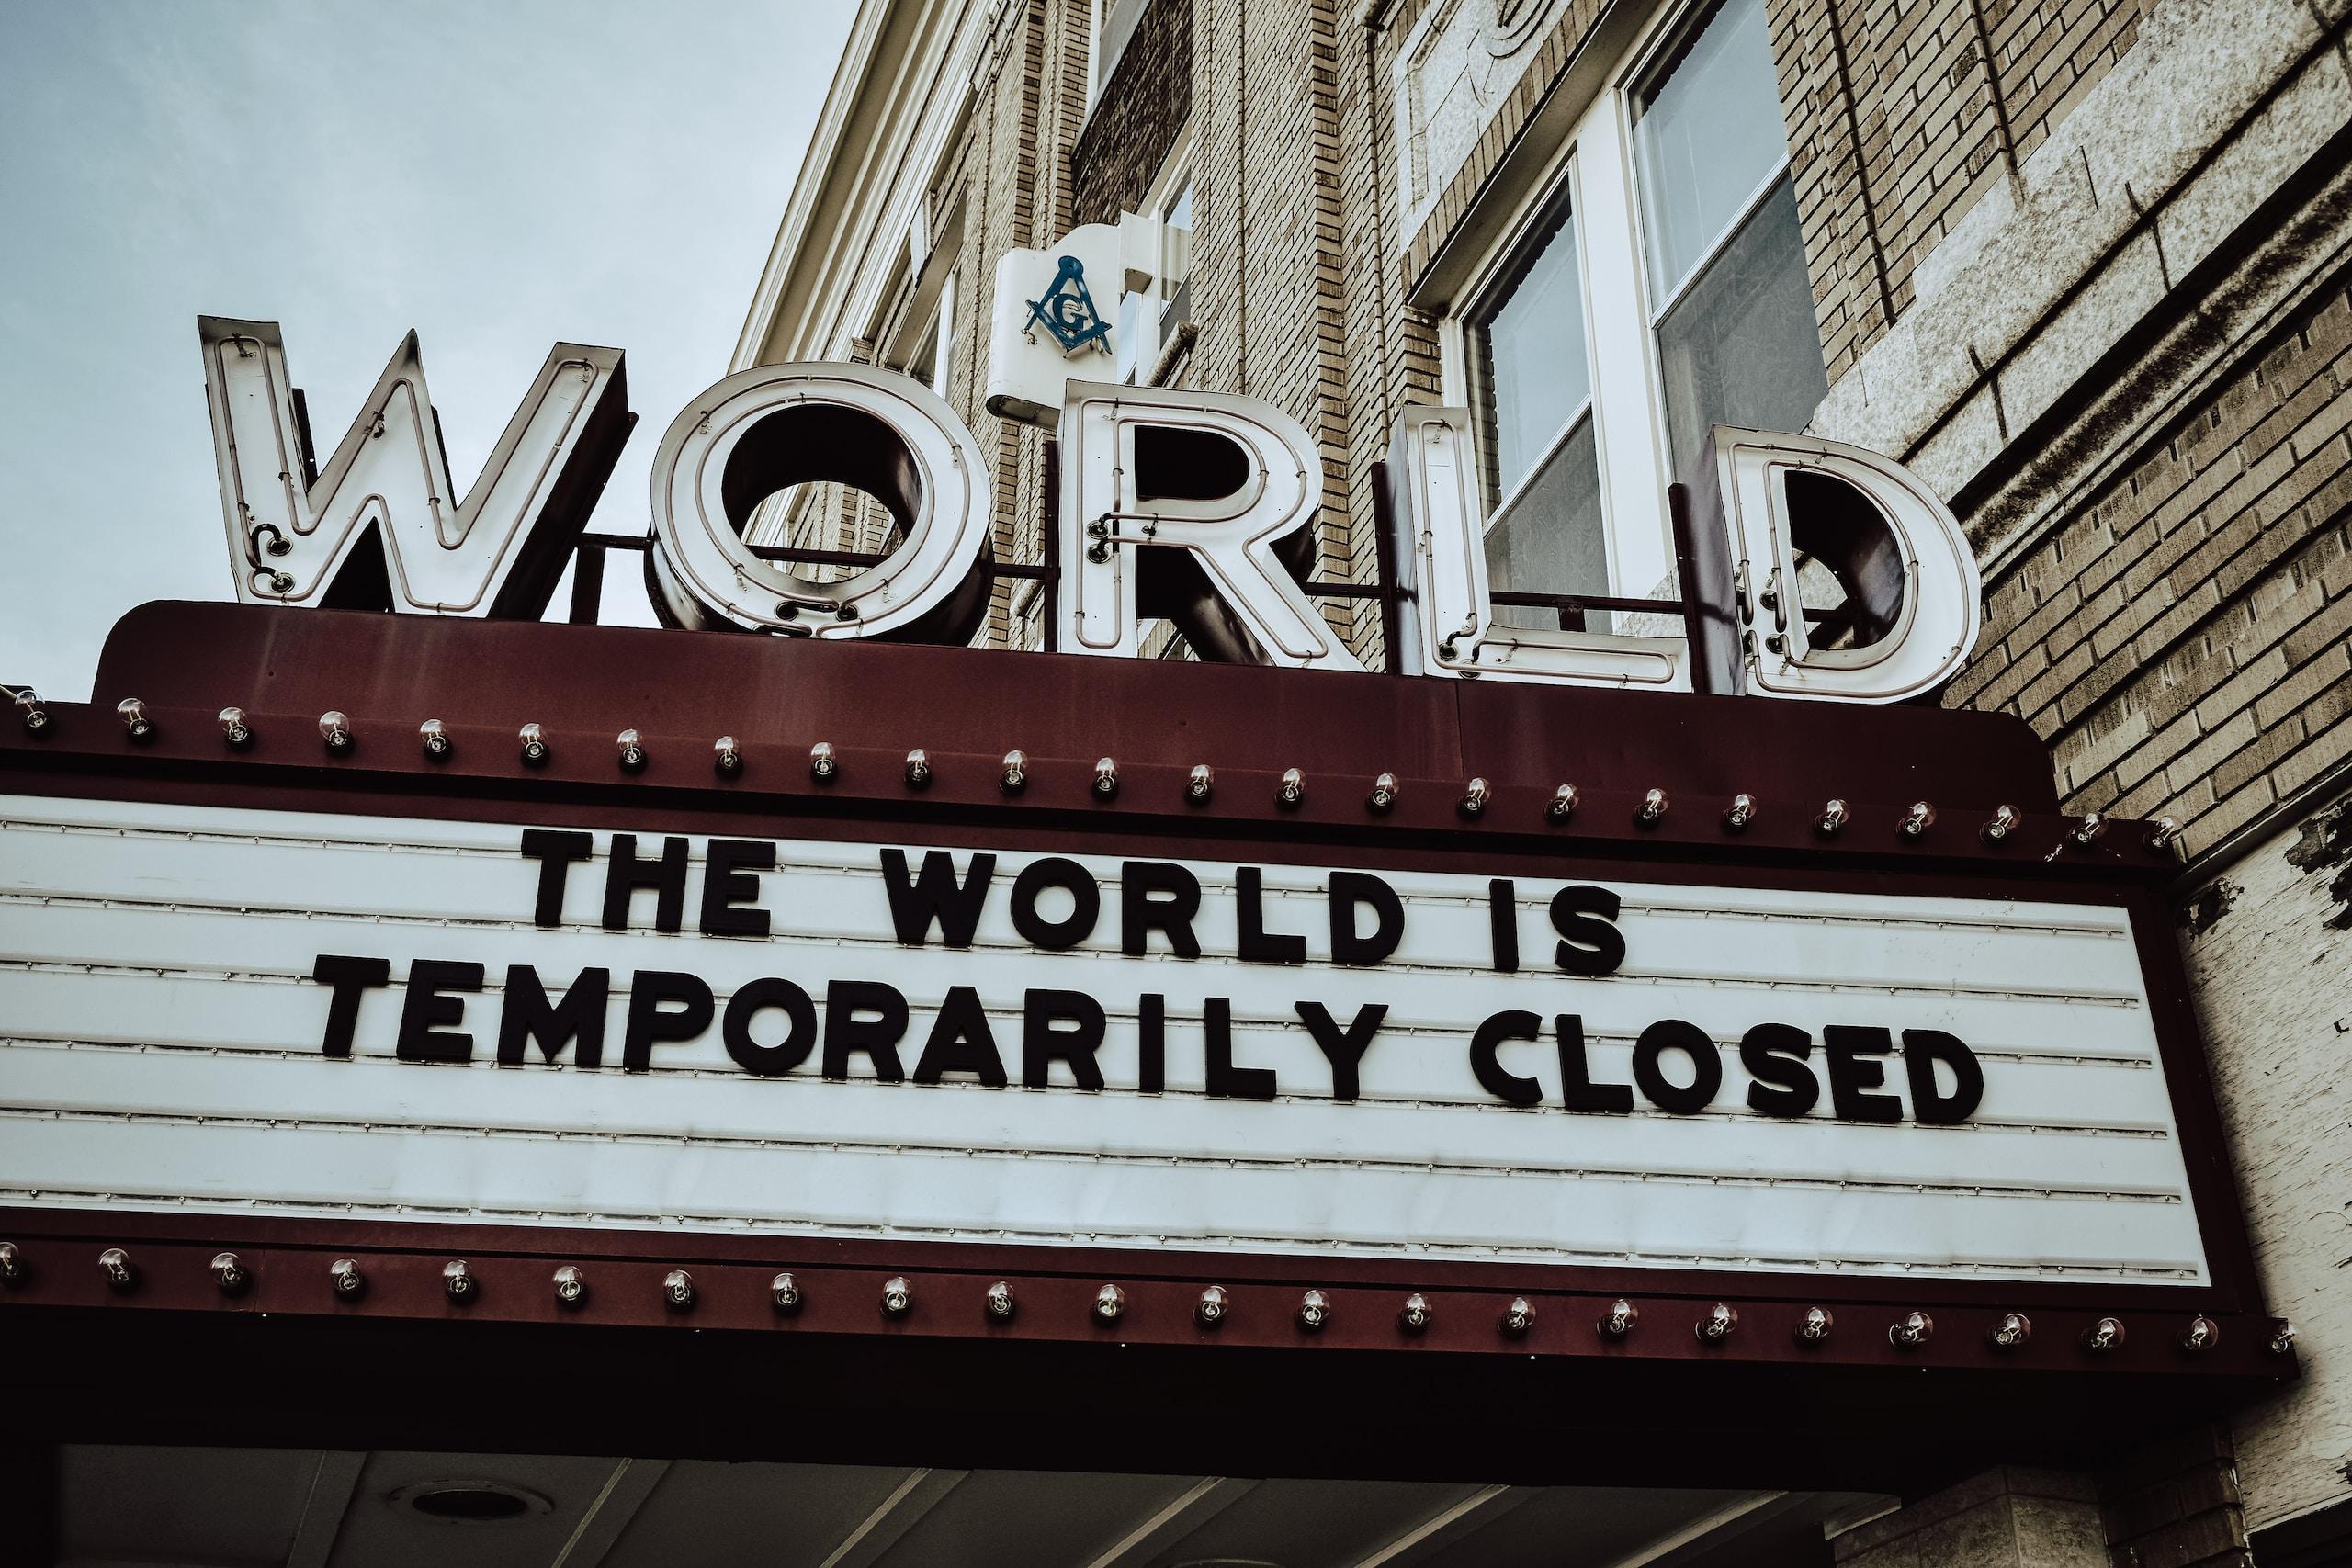 """""""El mundo está temporalmente cerrado"""", dice un cartel de un local cerrado por la pandemia de coronavirus"""